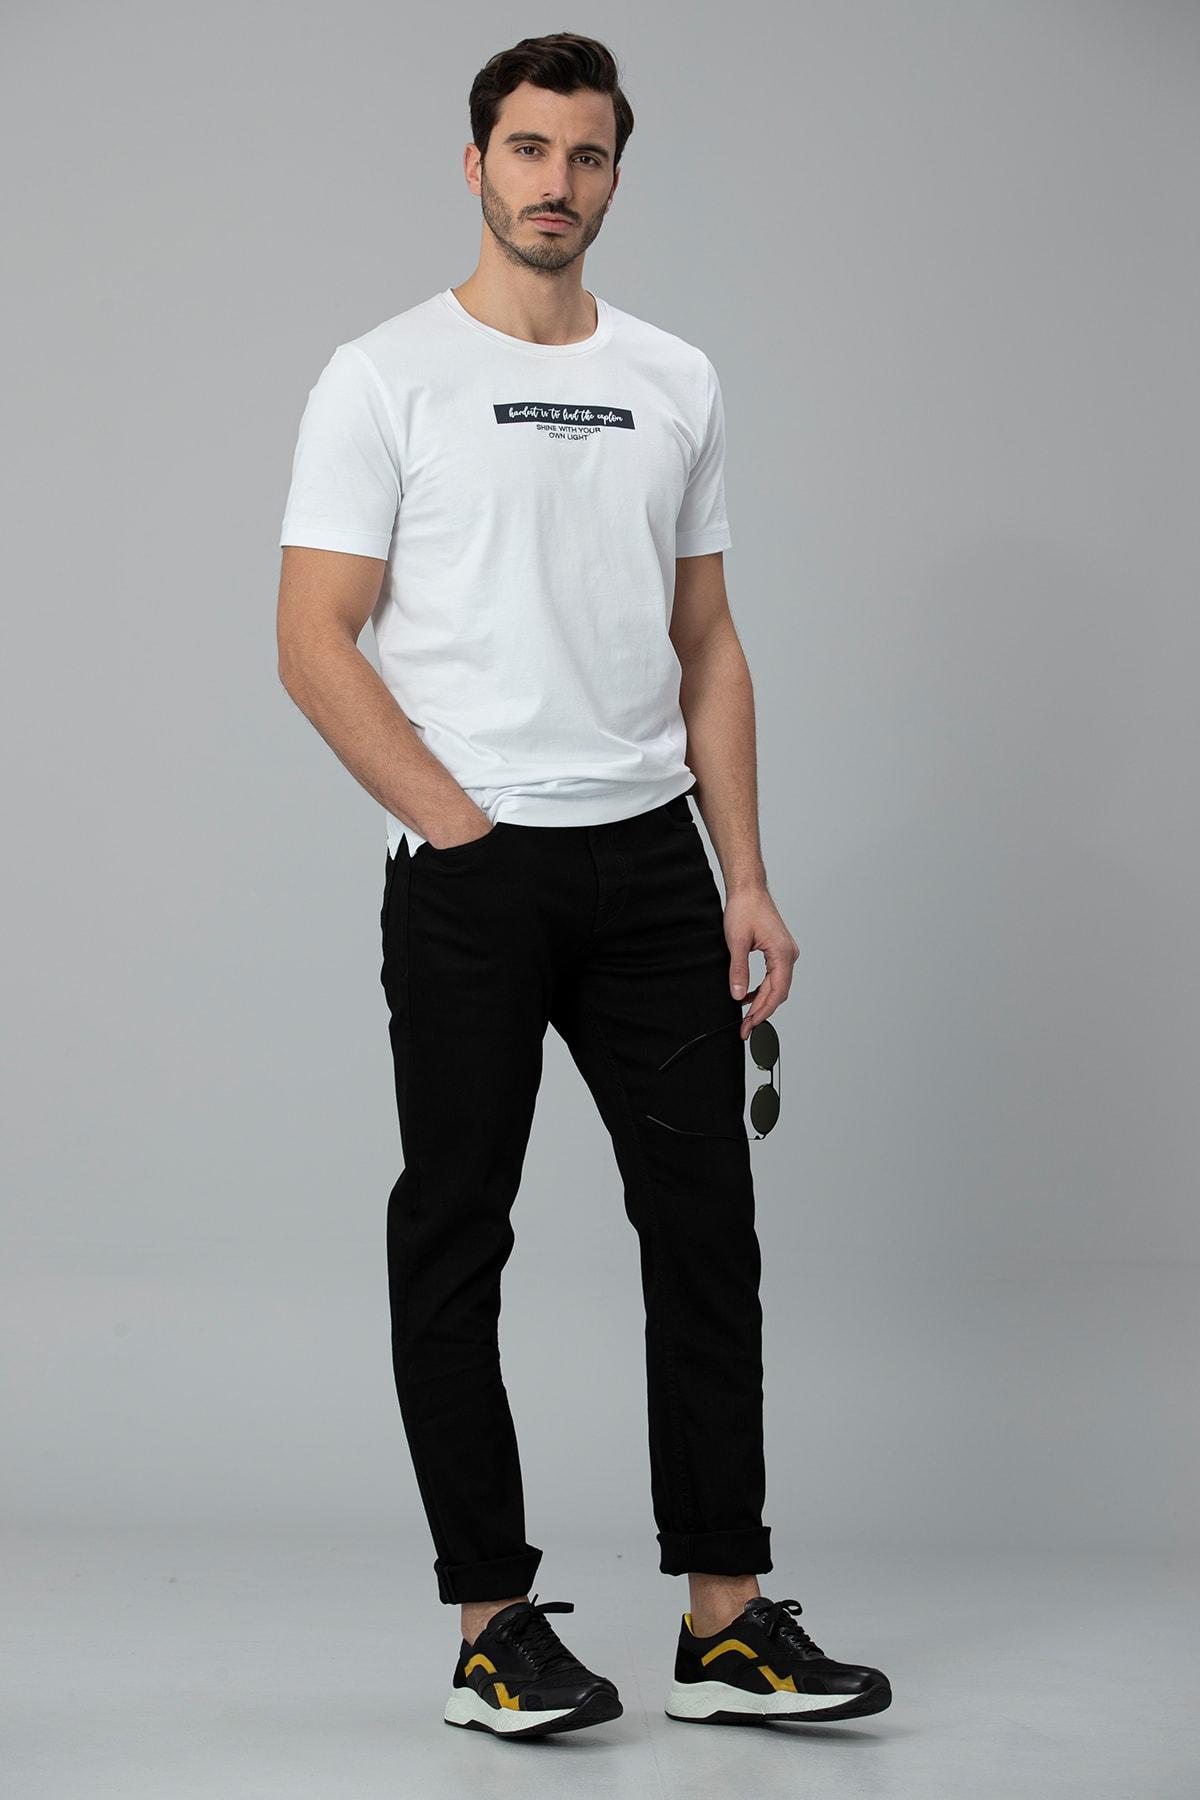 Lufian Rıck Modern Grafik T- Shirt Beyaz 2